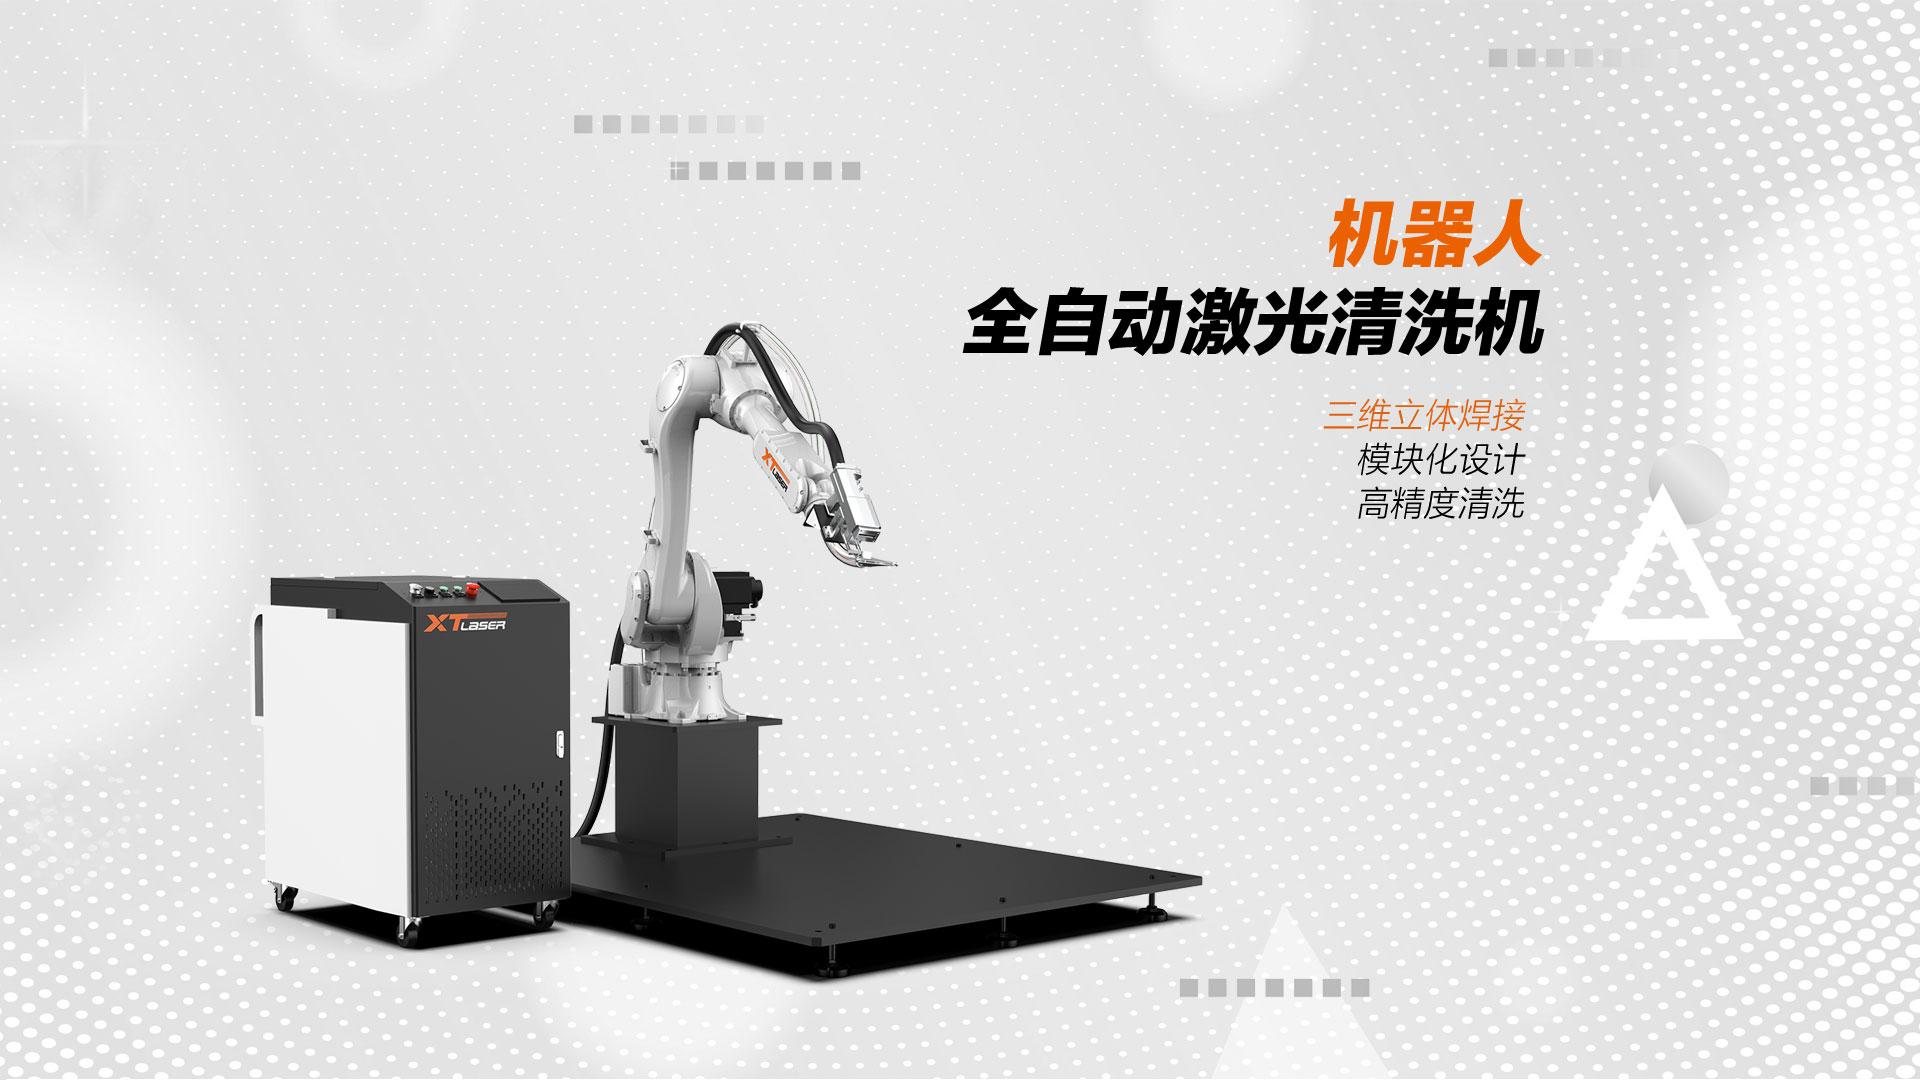 机器人清洗机_01